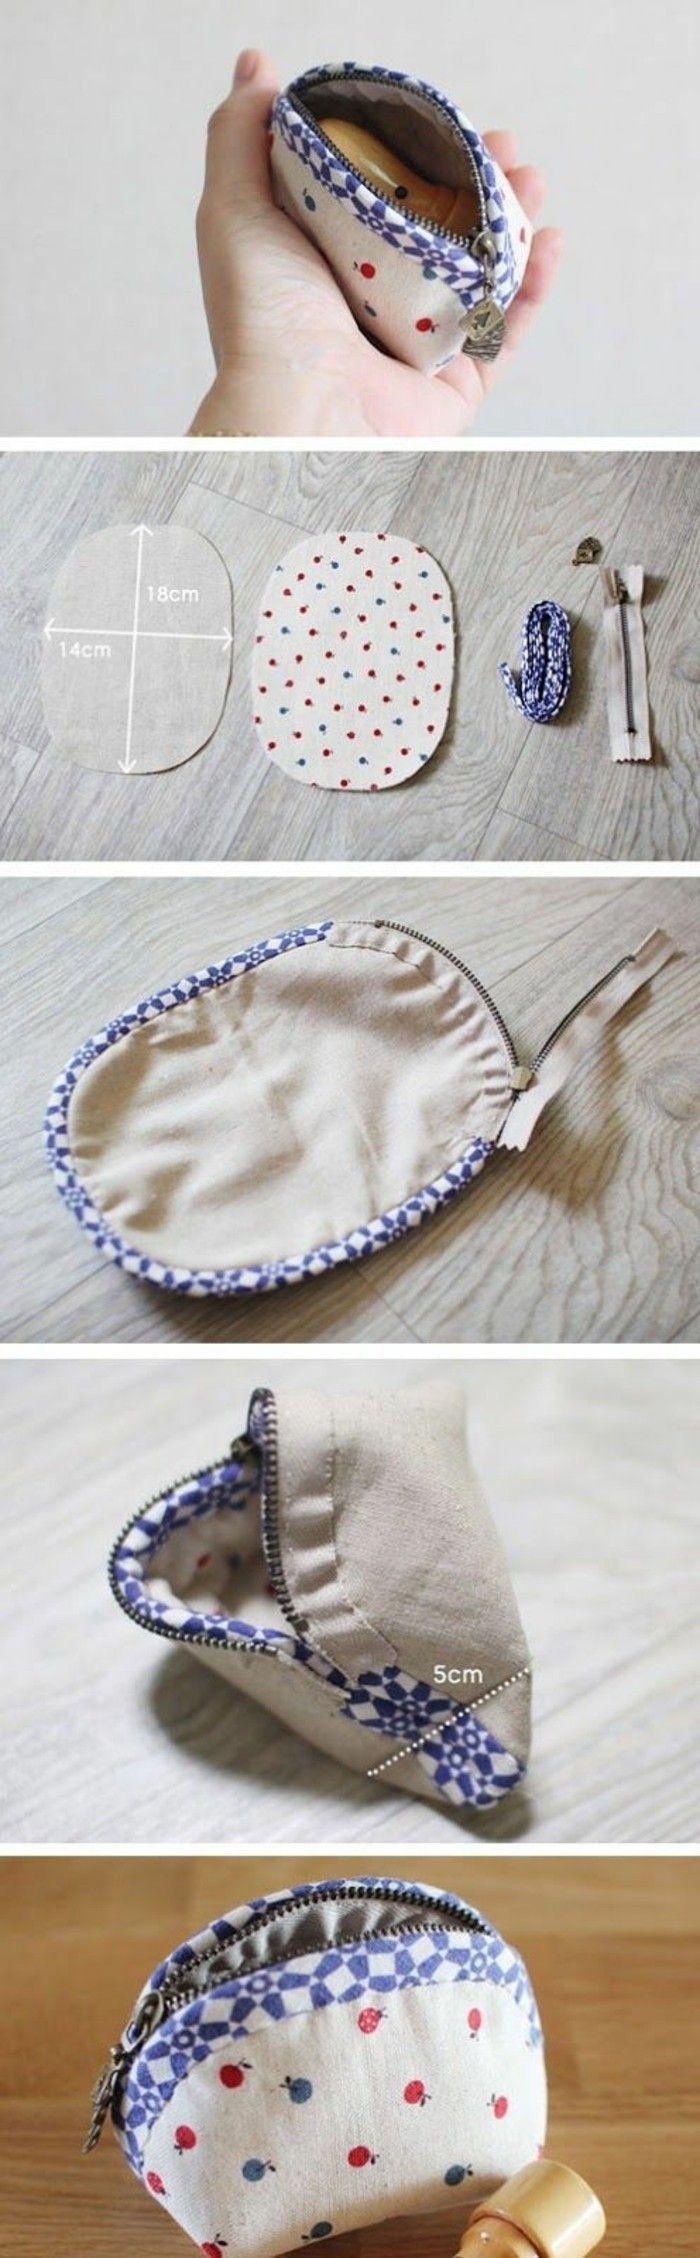 Geldbeutel nähen - 30 coole DIY Ideen für einen Geldbeutel #purses